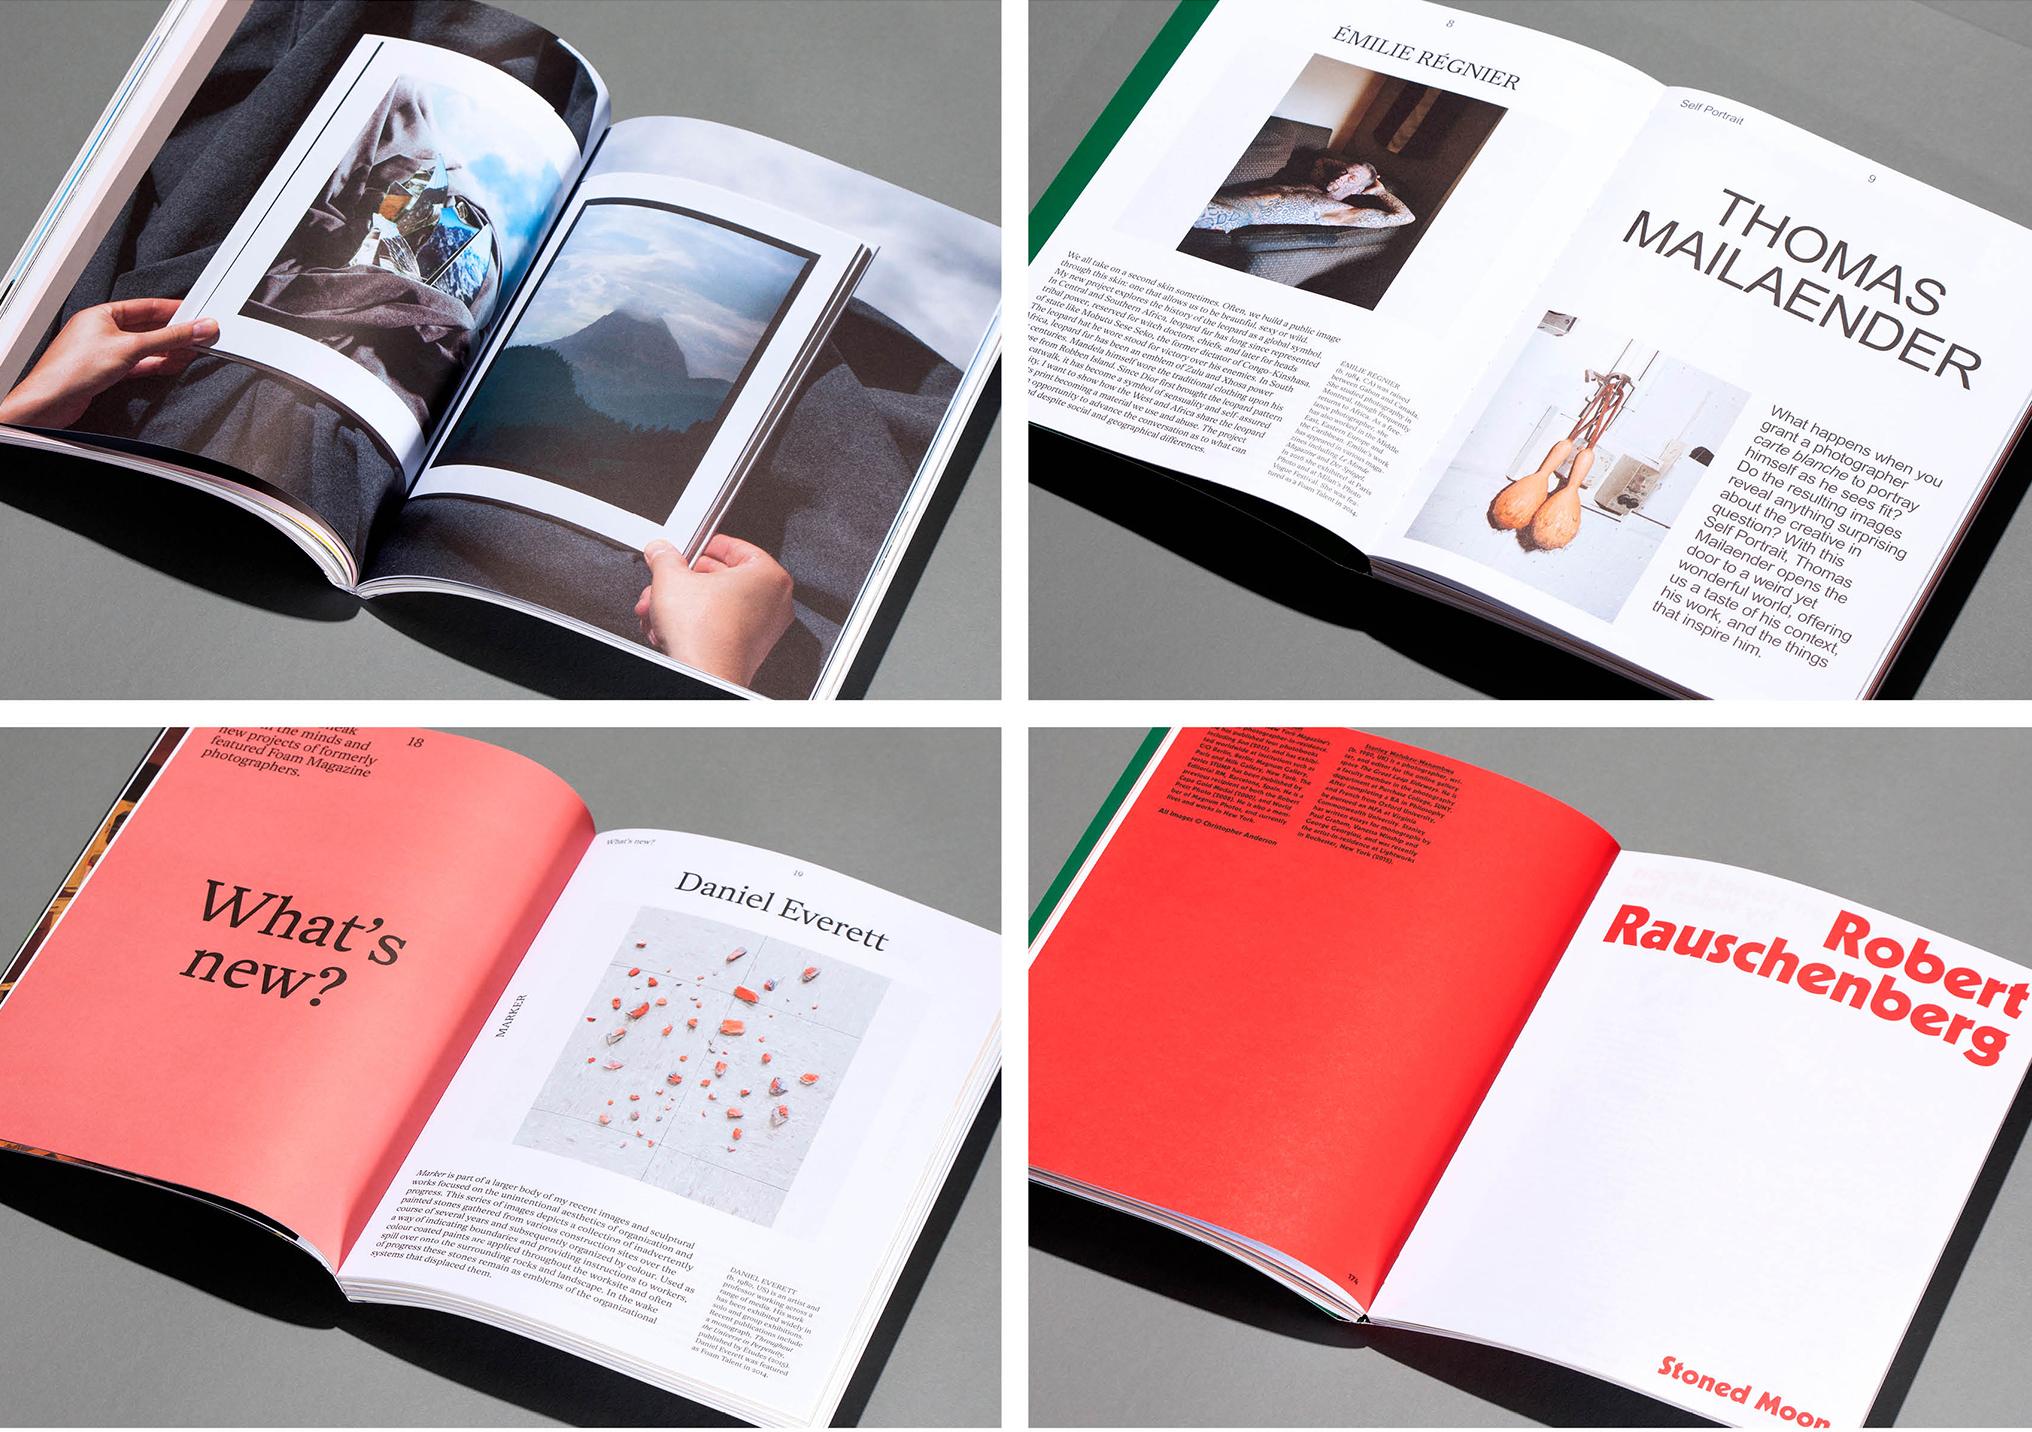 Spreads van het Foam Magazine, verschillende issues uit 2016 en 2017. Een Interview met Isabelle Vaverka